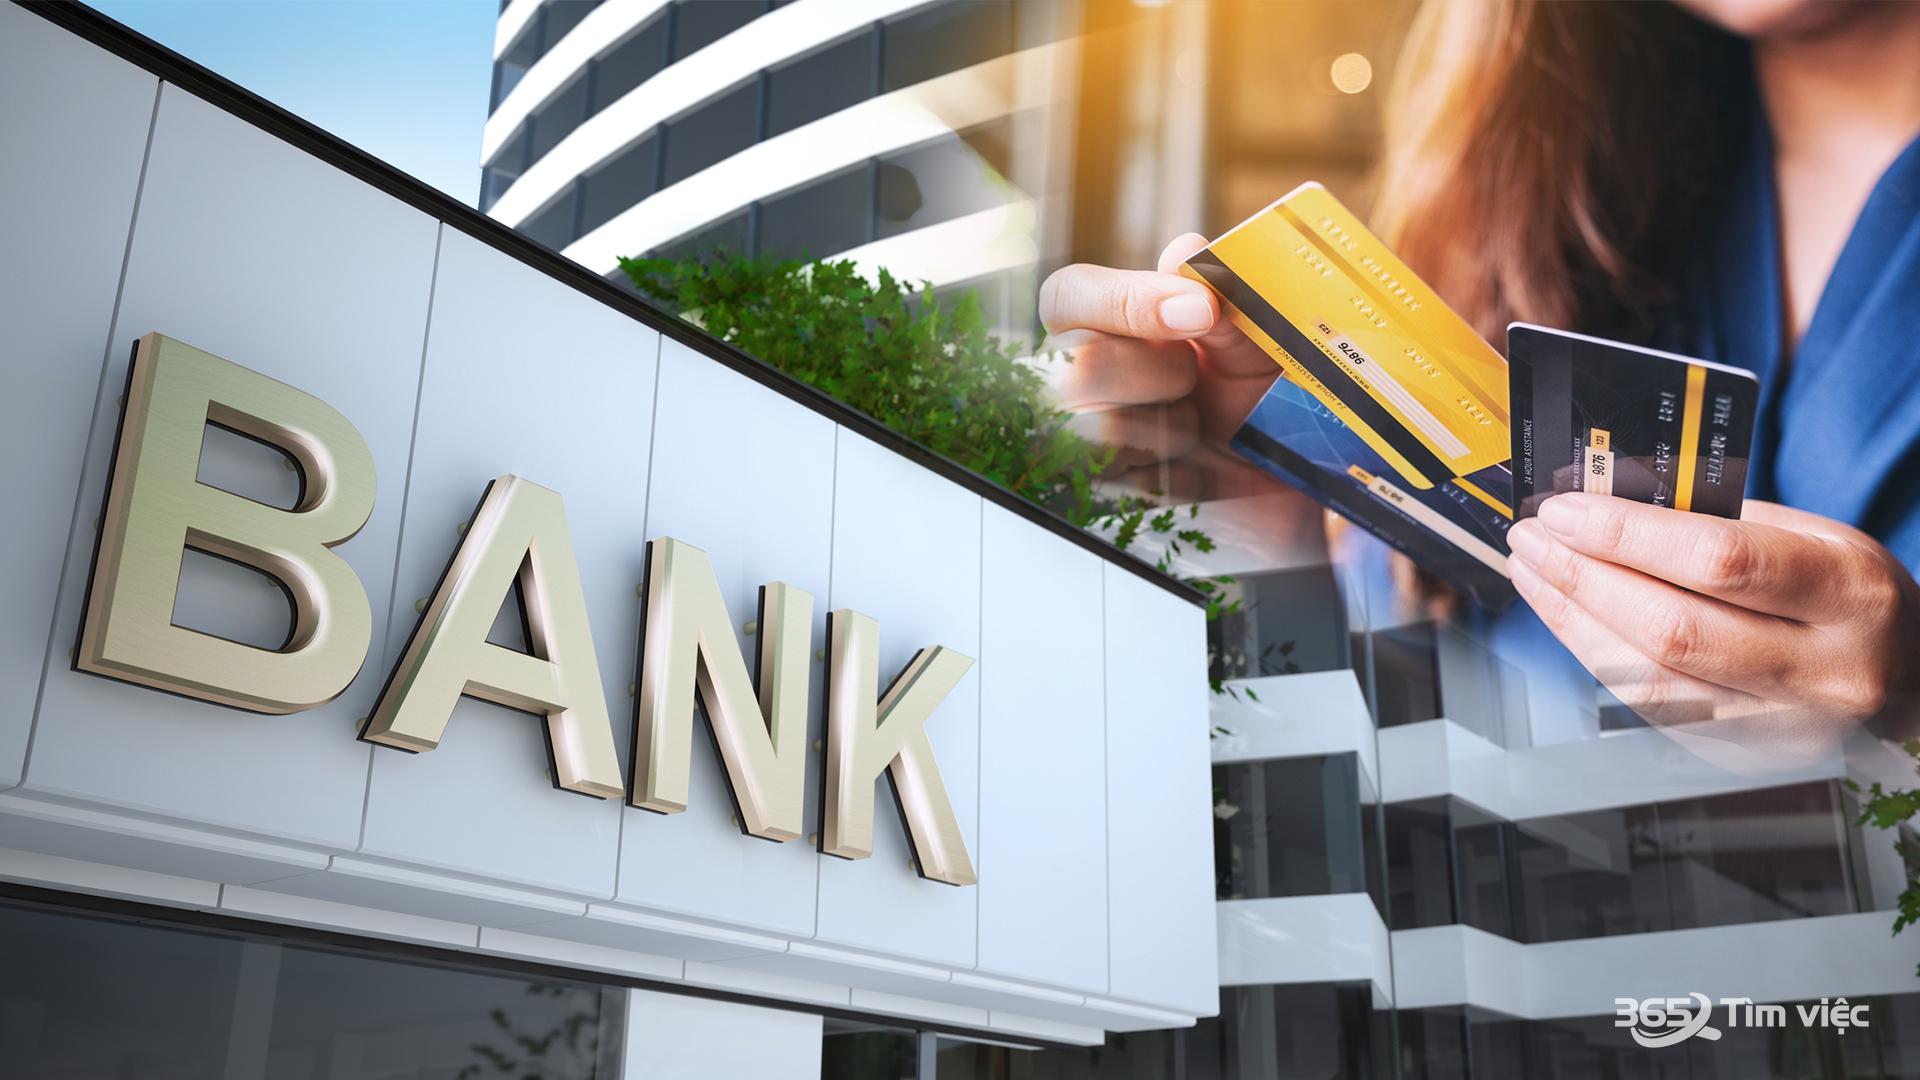 Cách trình bày nội dung CV Vietcombank - phiếu dự tuyển phần mở đầu